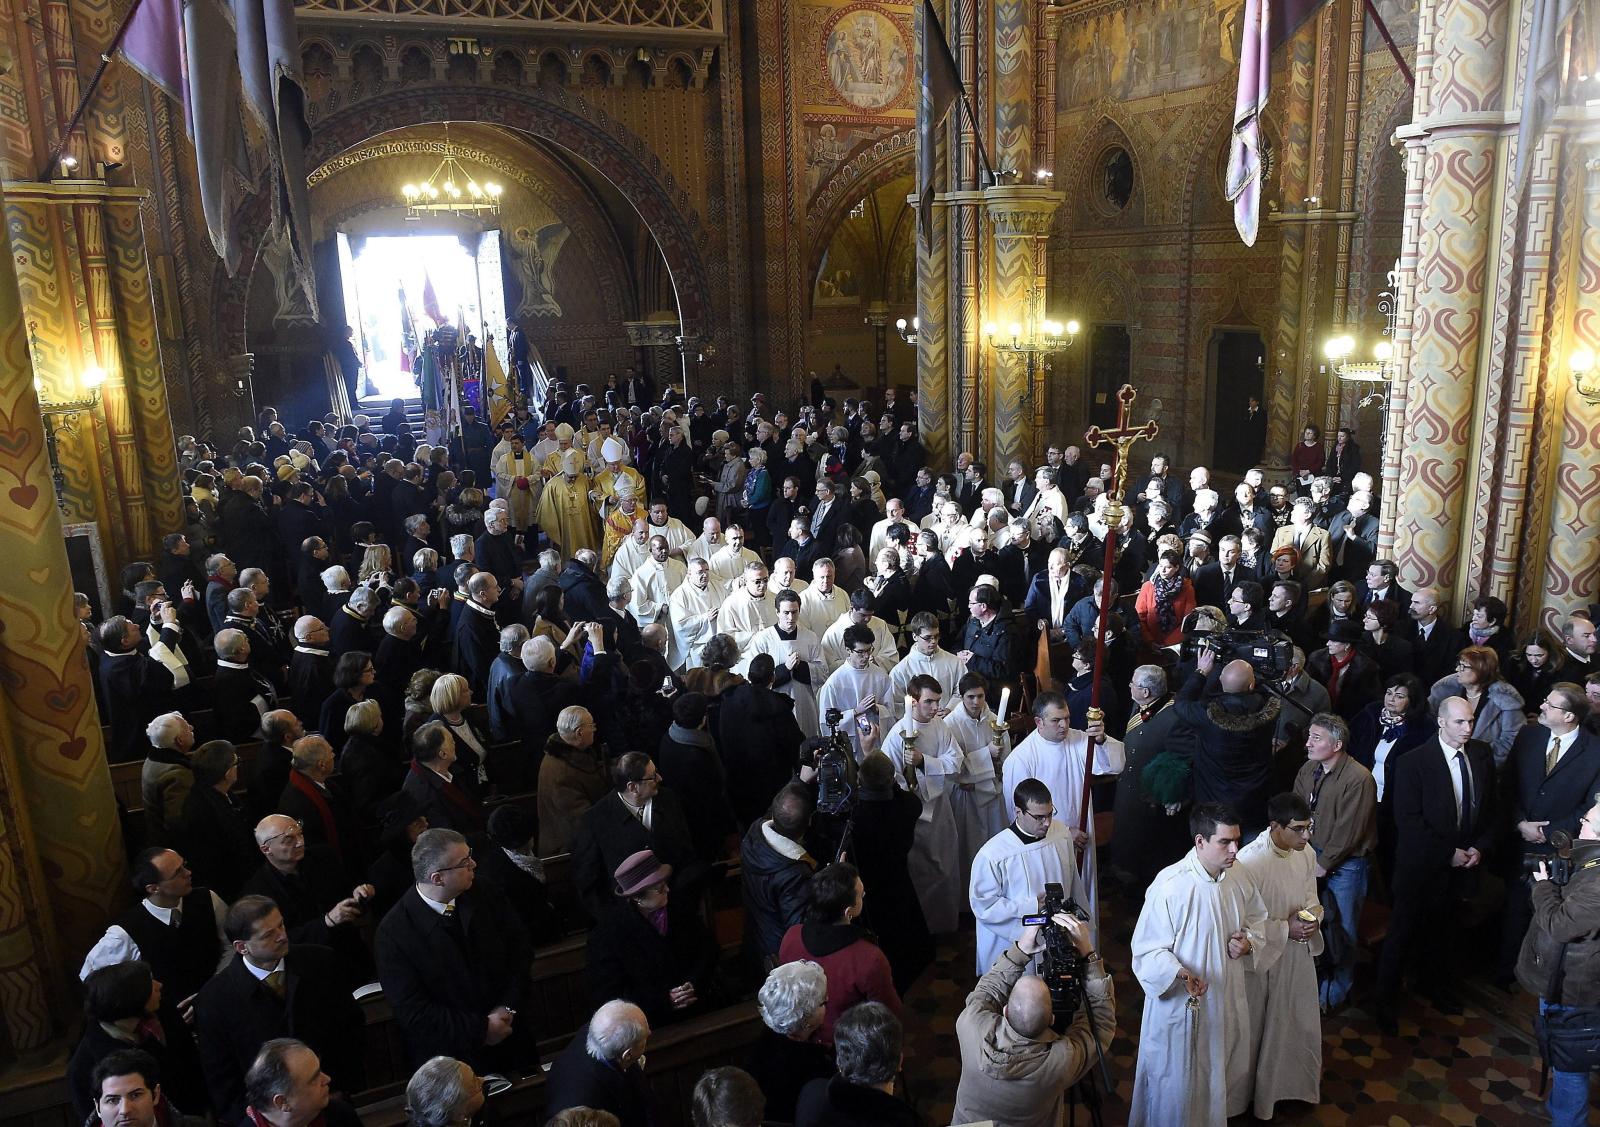 Prymas węgierskiego kościoła katolickiego, kard. Peter Erdo na mszy w setną rocznicę koronacji ostatniego króla Węgier, błogosławionego Karola IV.  Fot. PAP/EPA/TAMAS KOVACS HUNGARY OUT